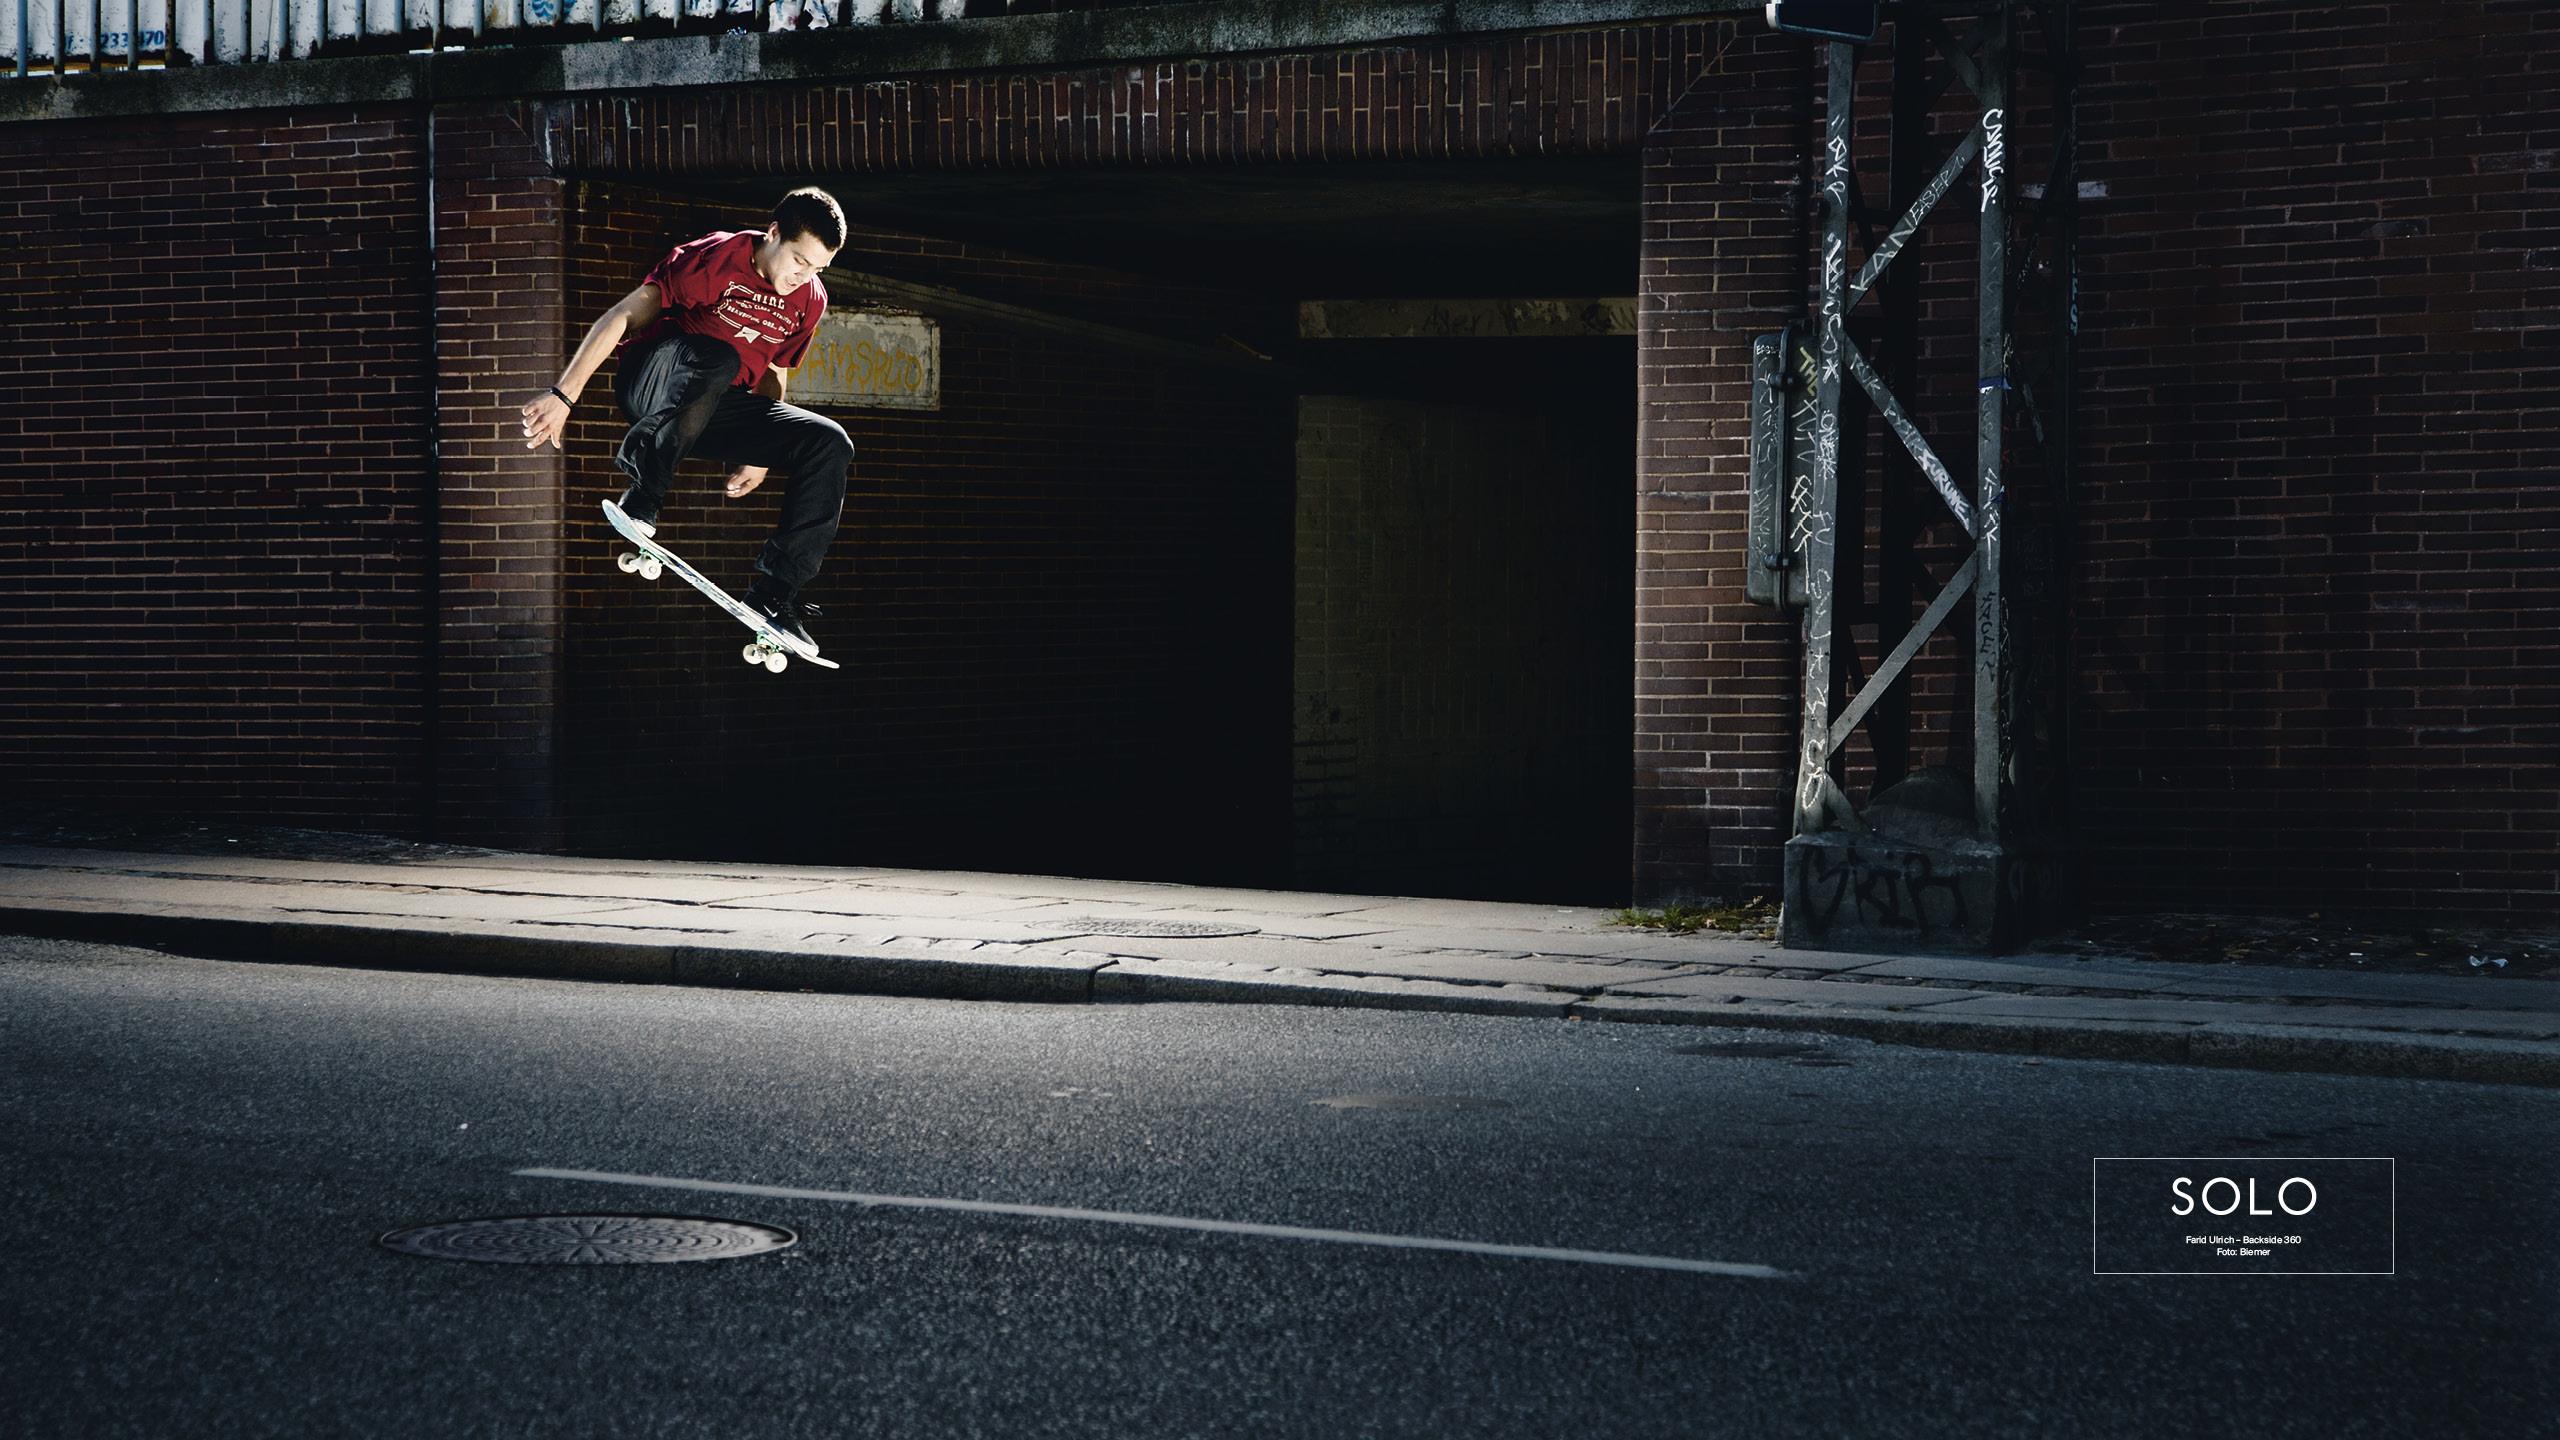 primitive skateboards